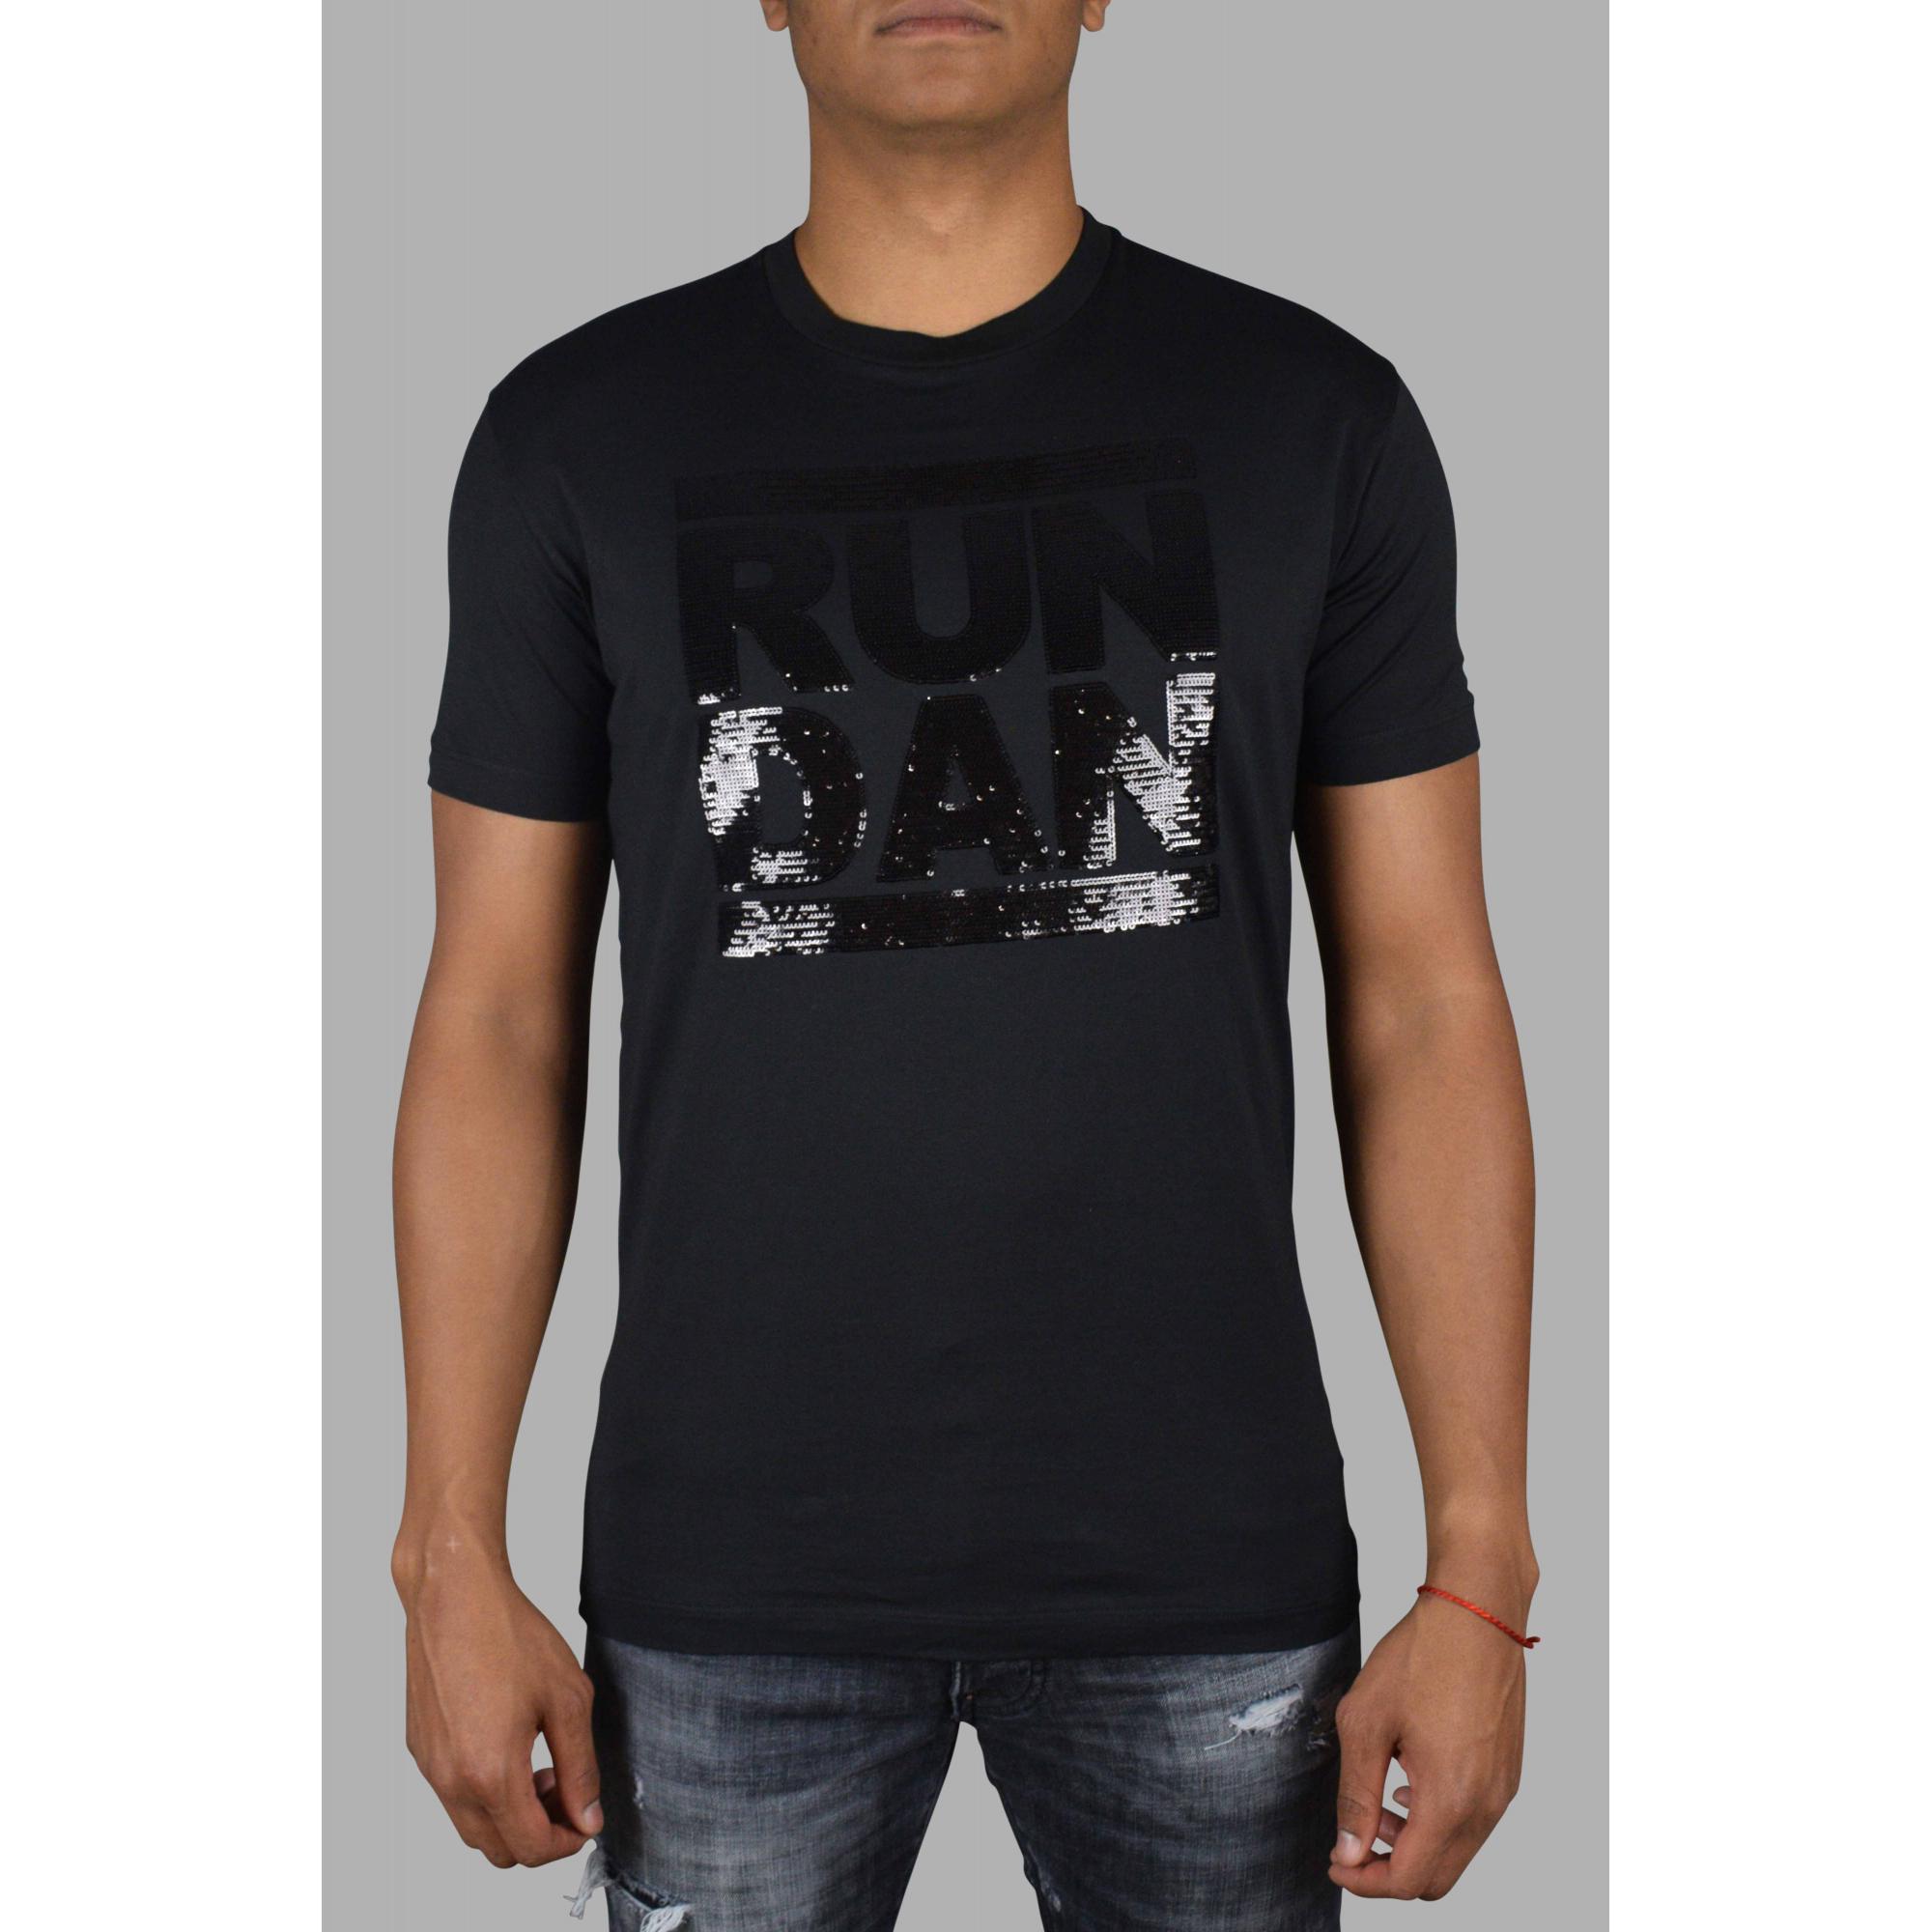 RUN DAN embroidered t-shirt.